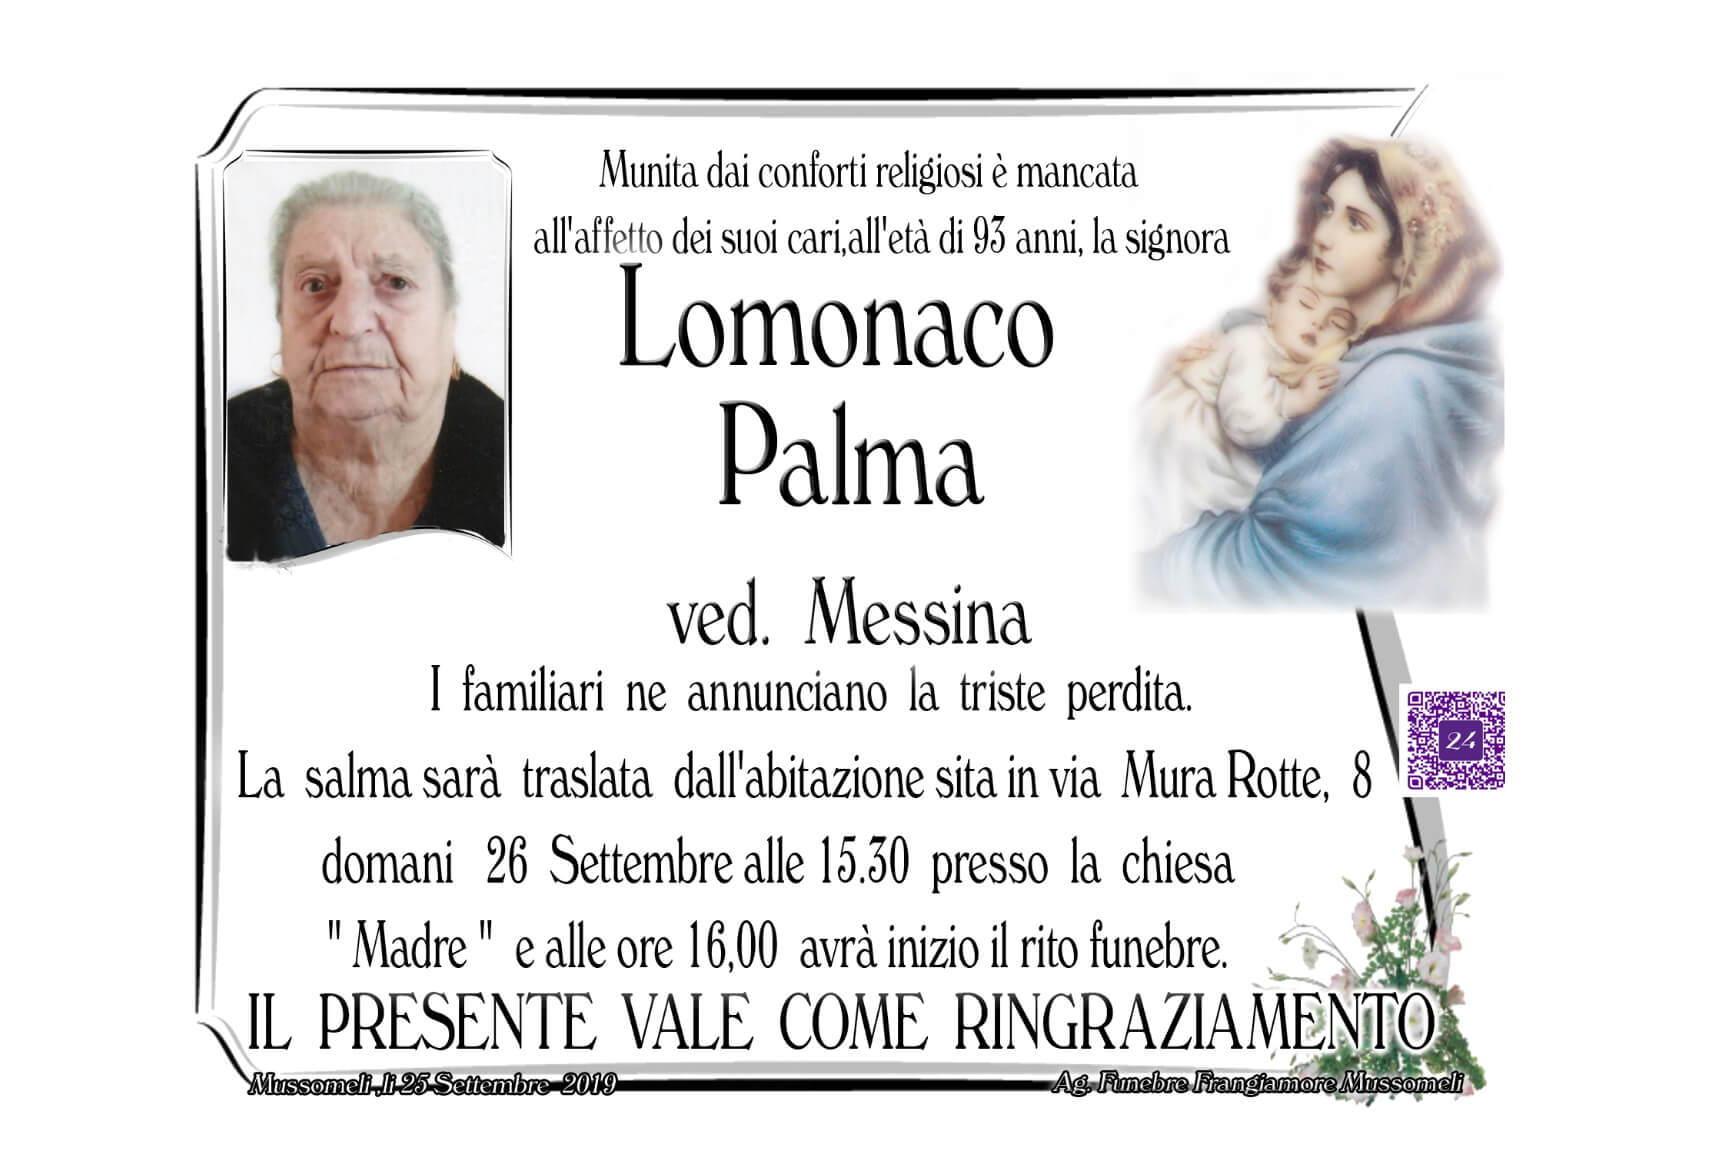 Palma Lomonaco